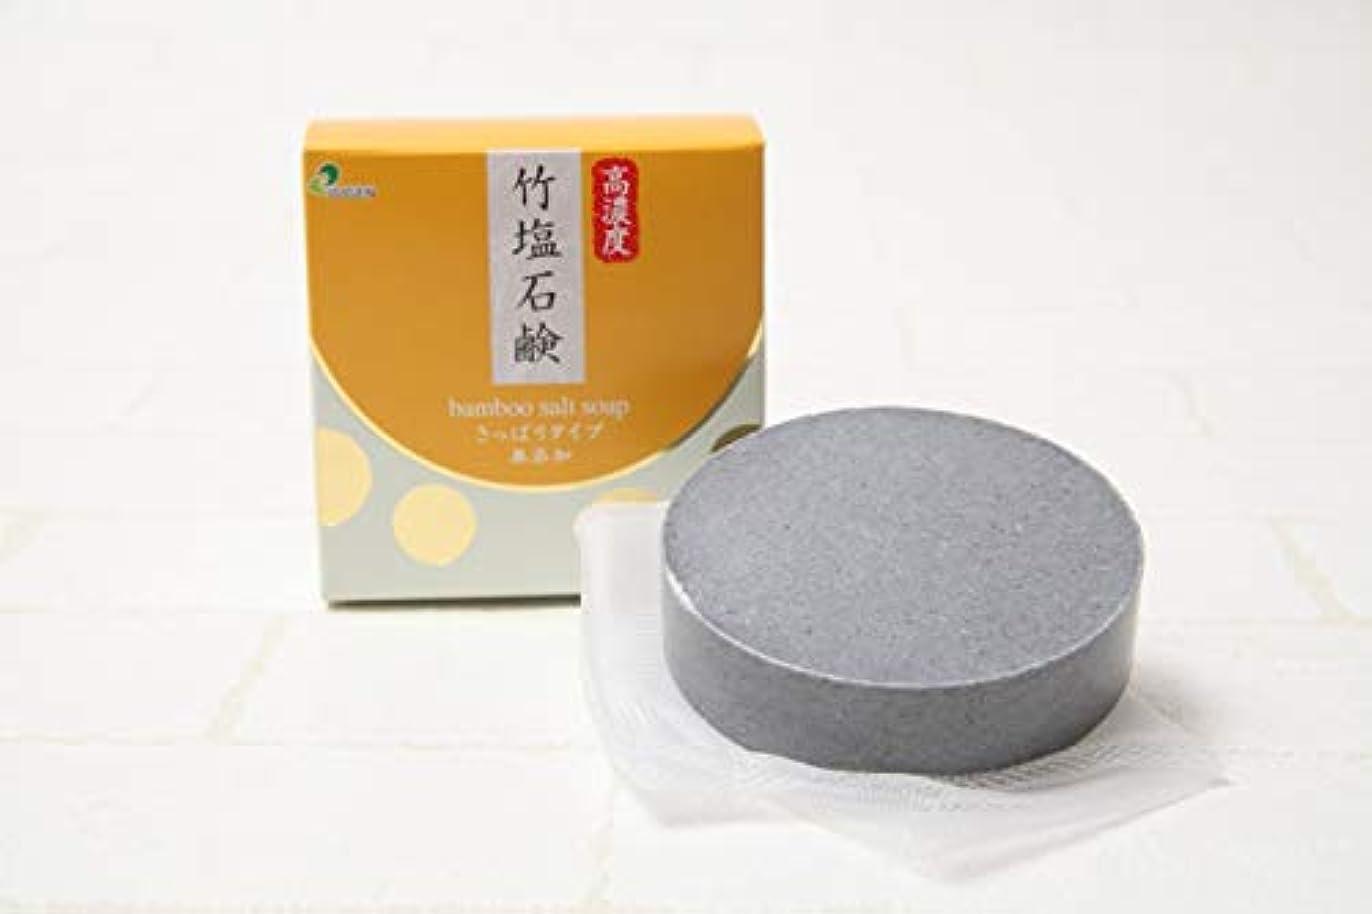 クリークダイジェストゆりかごジュゲン 高濃度 竹塩石鹸(洗顔せっけん石けん) 80g 泡立てネット付き